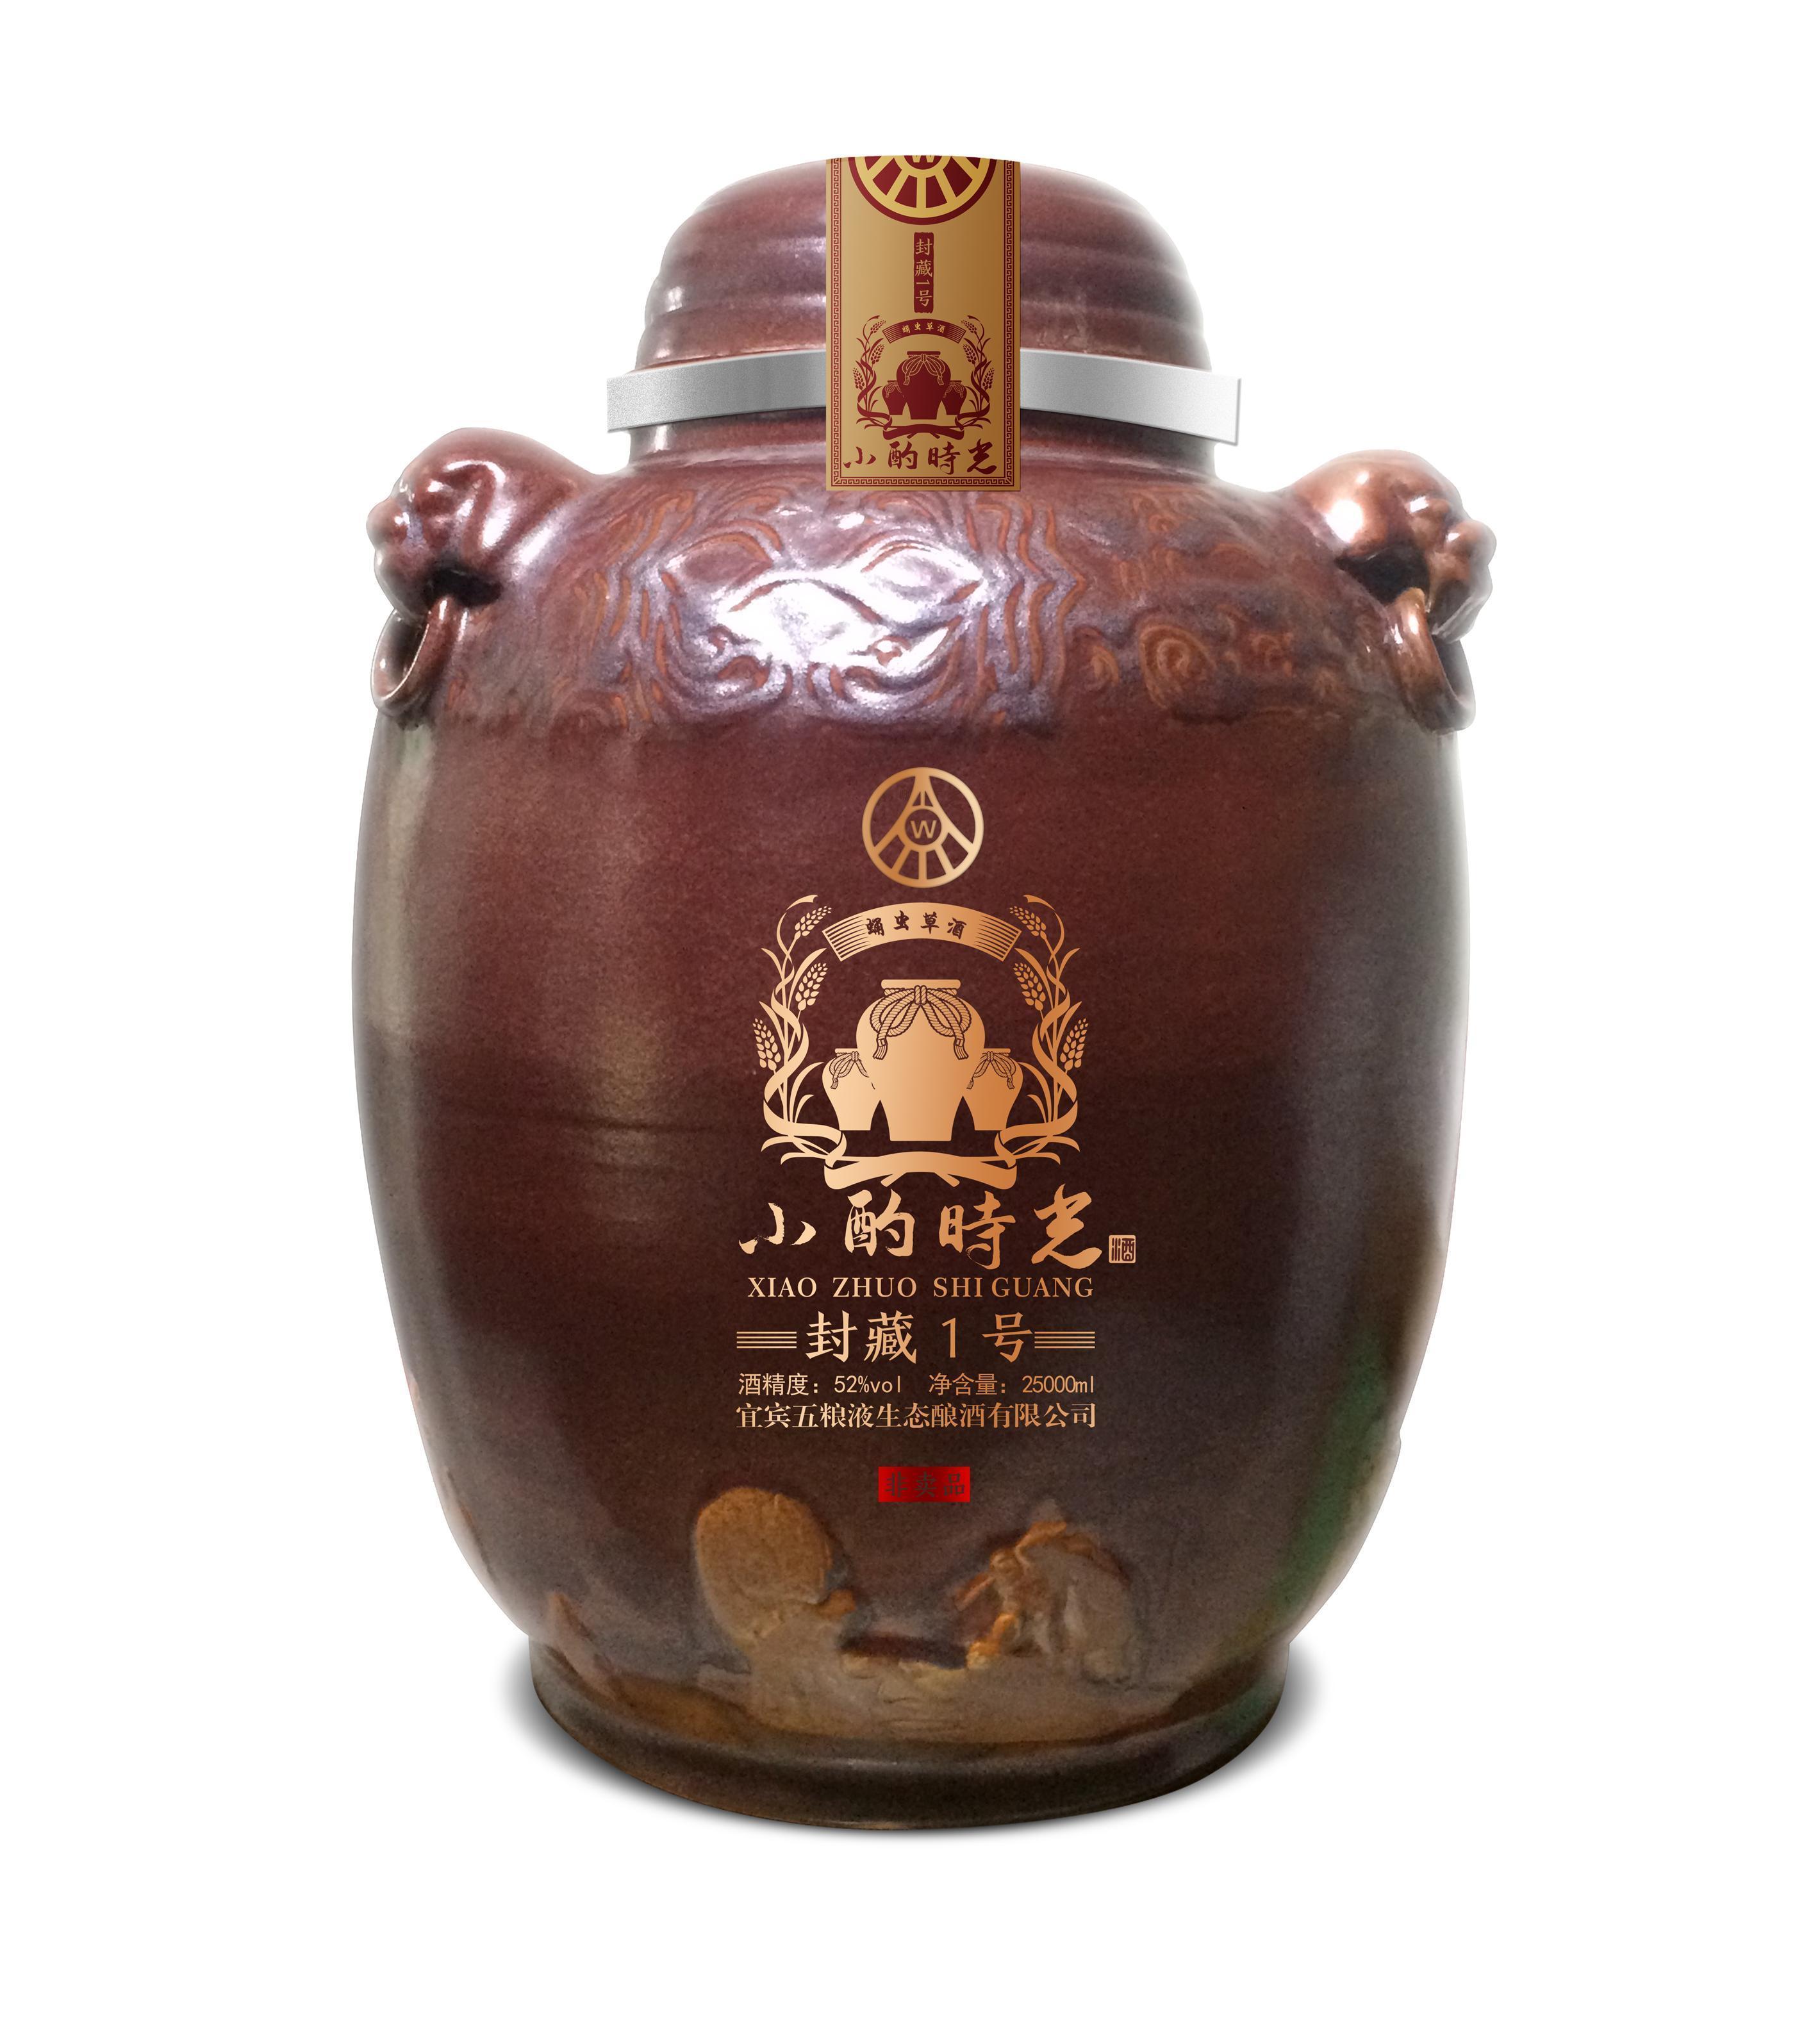 封藏1号(50斤虫草酒)